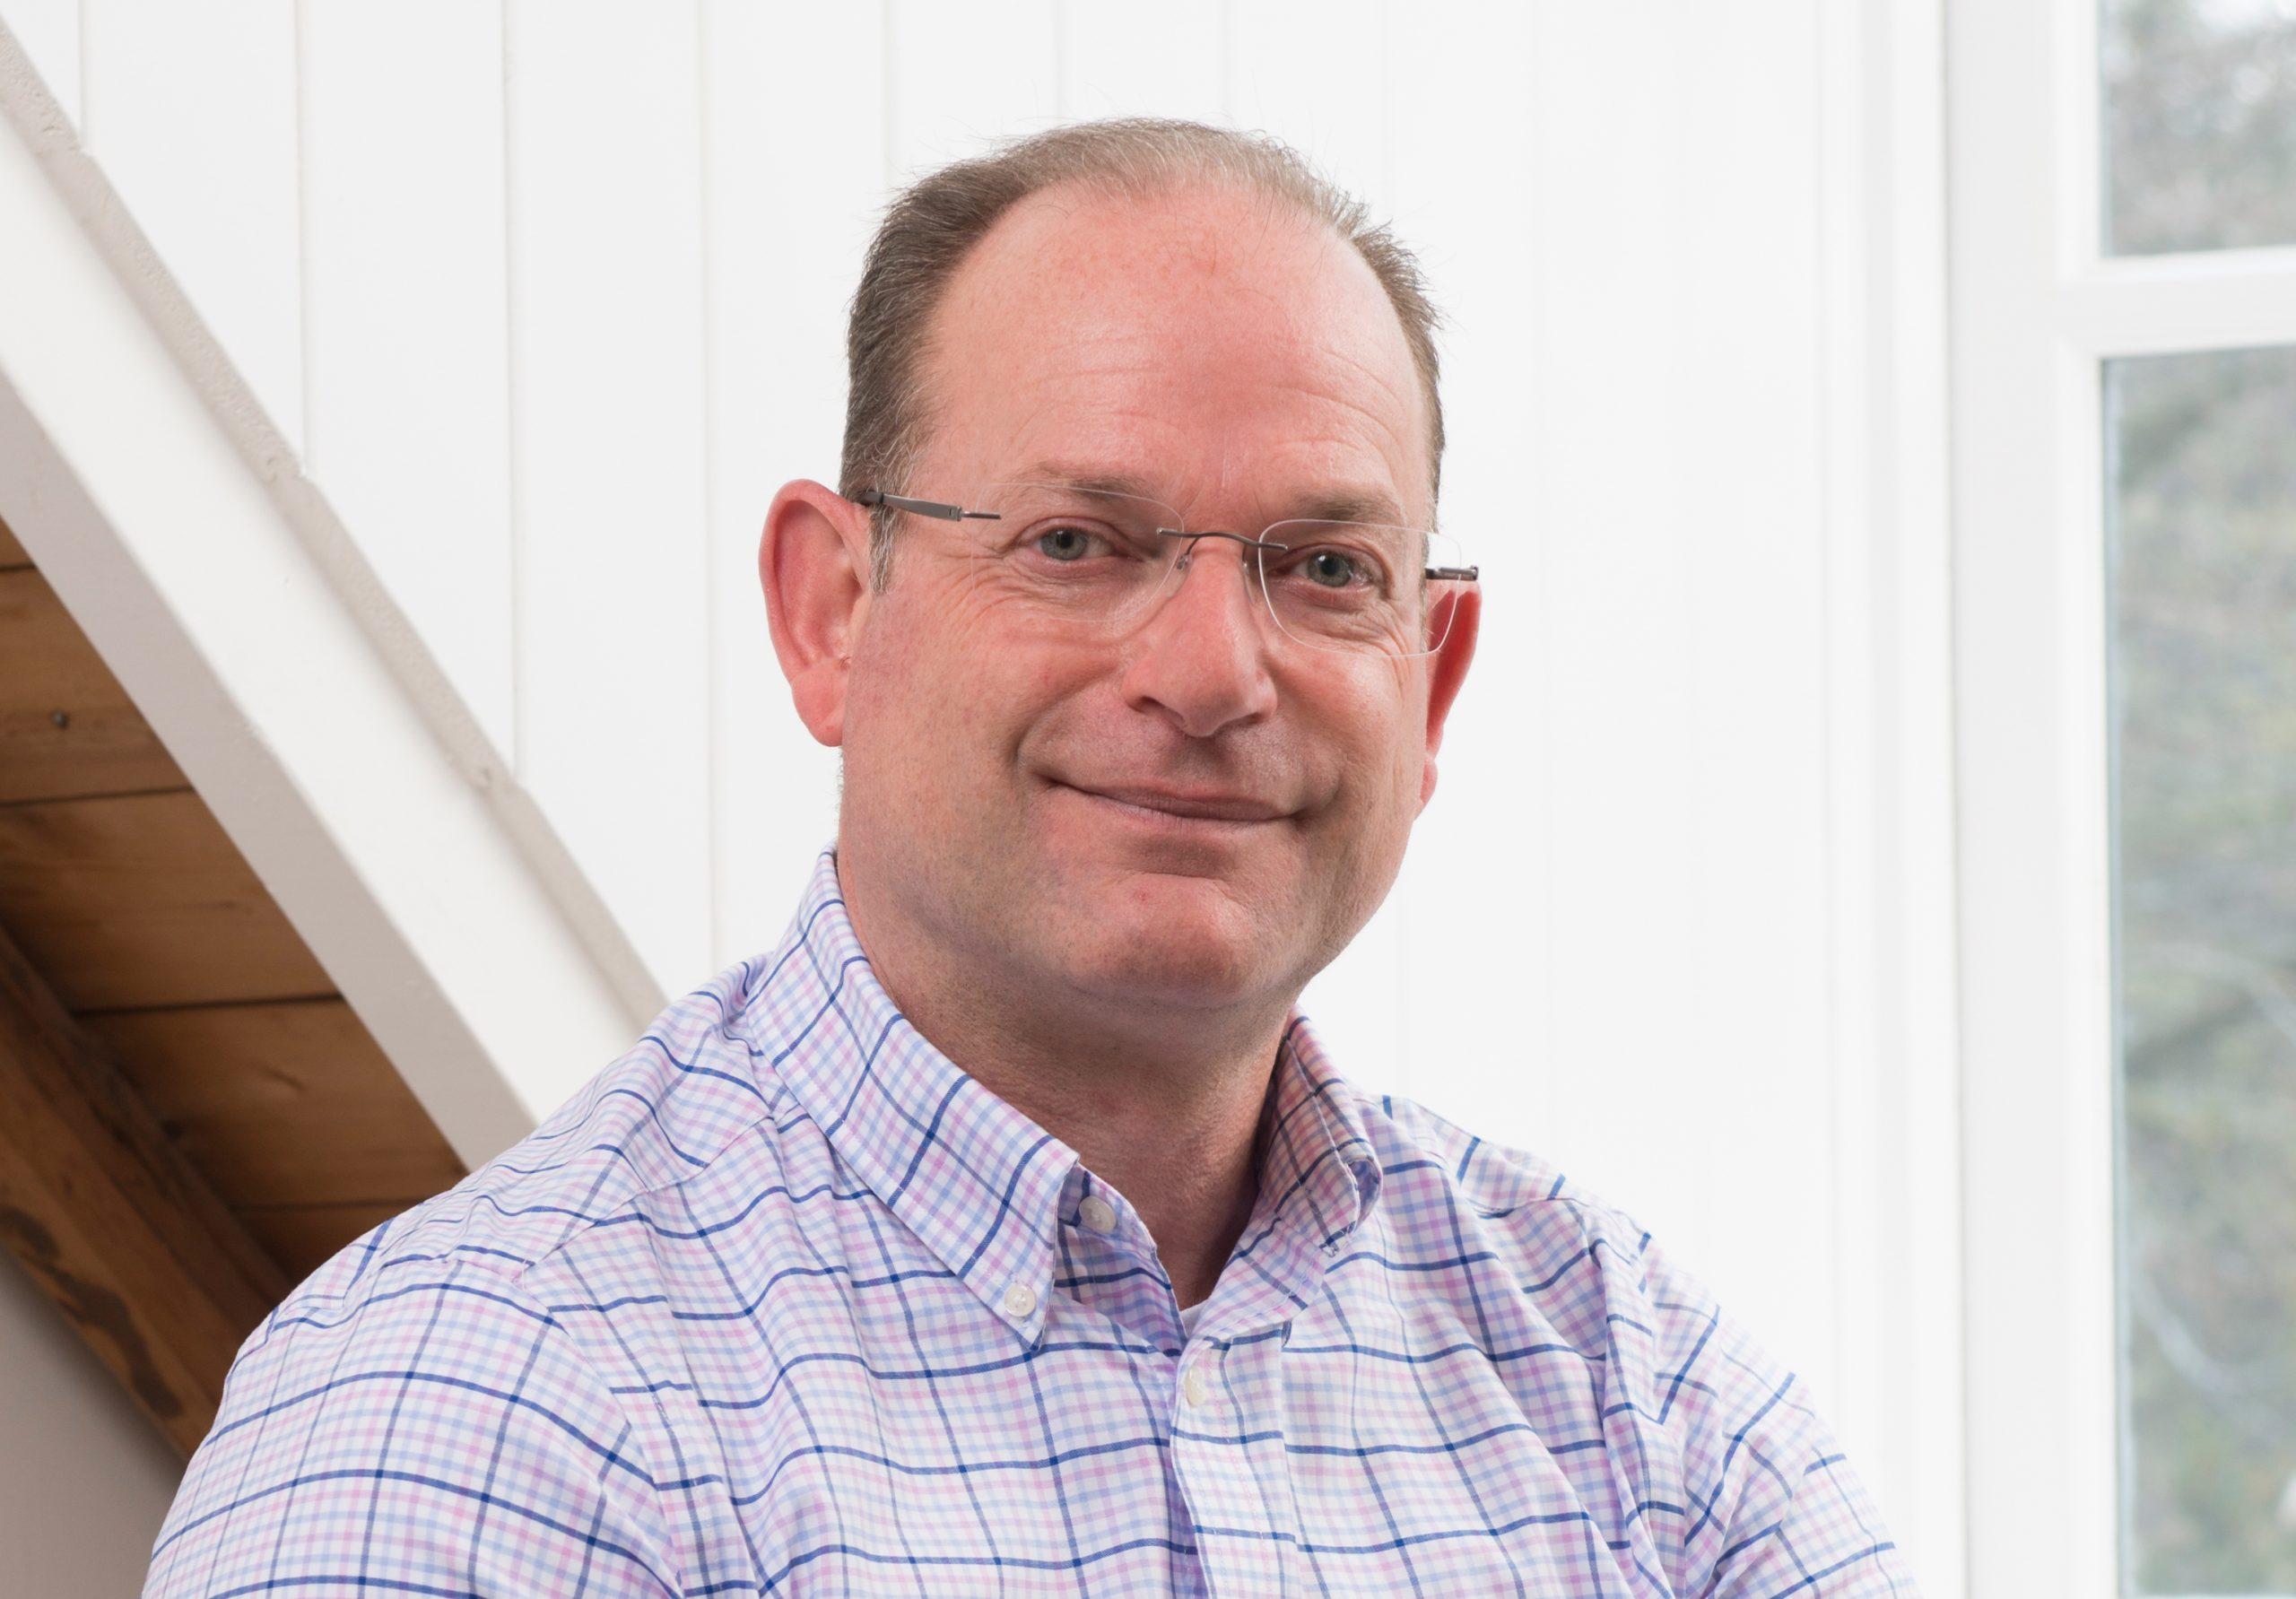 SMF bestuur versterkt zich met Robert Teunissen